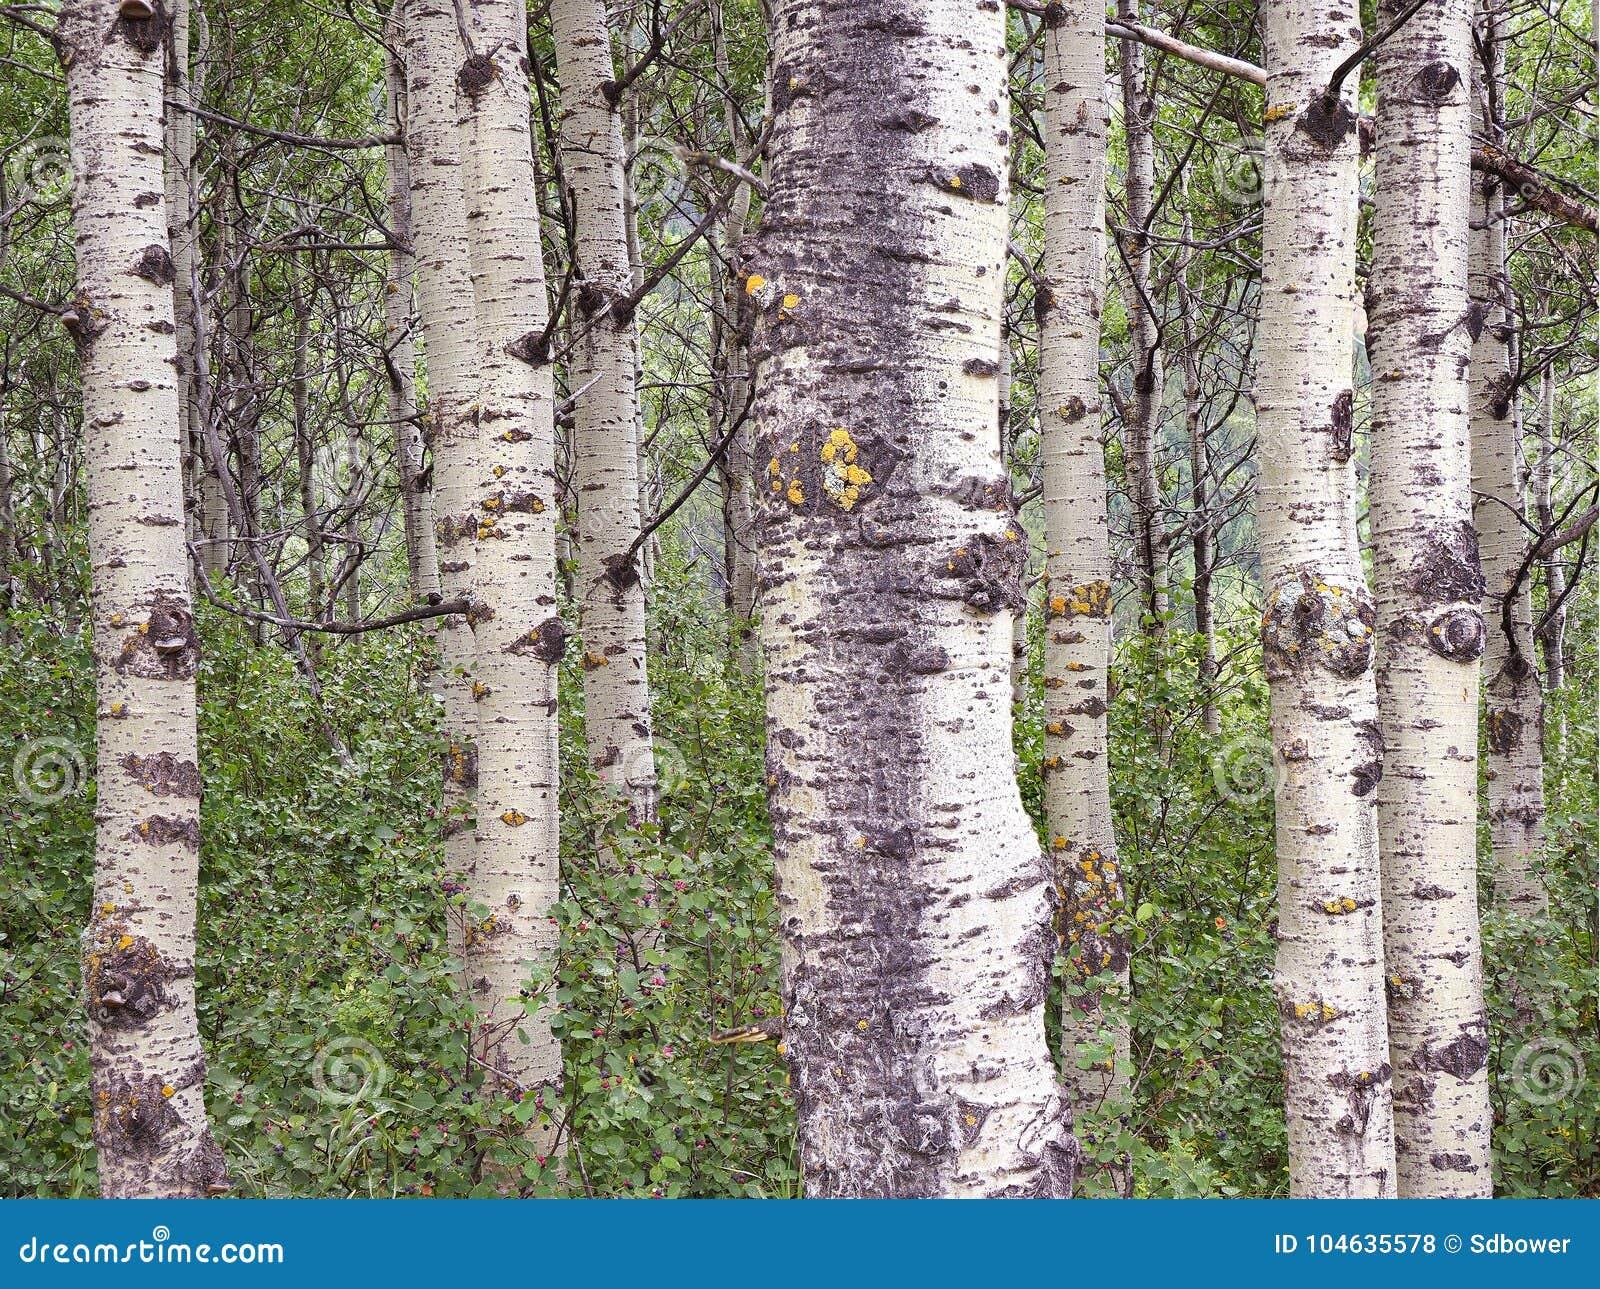 Download Nadruk Gestapeld Beeld Van Een Bosje Van Aspen Trees In Waterton Nation Stock Foto - Afbeelding bestaande uit gebied, gestapeld: 104635578